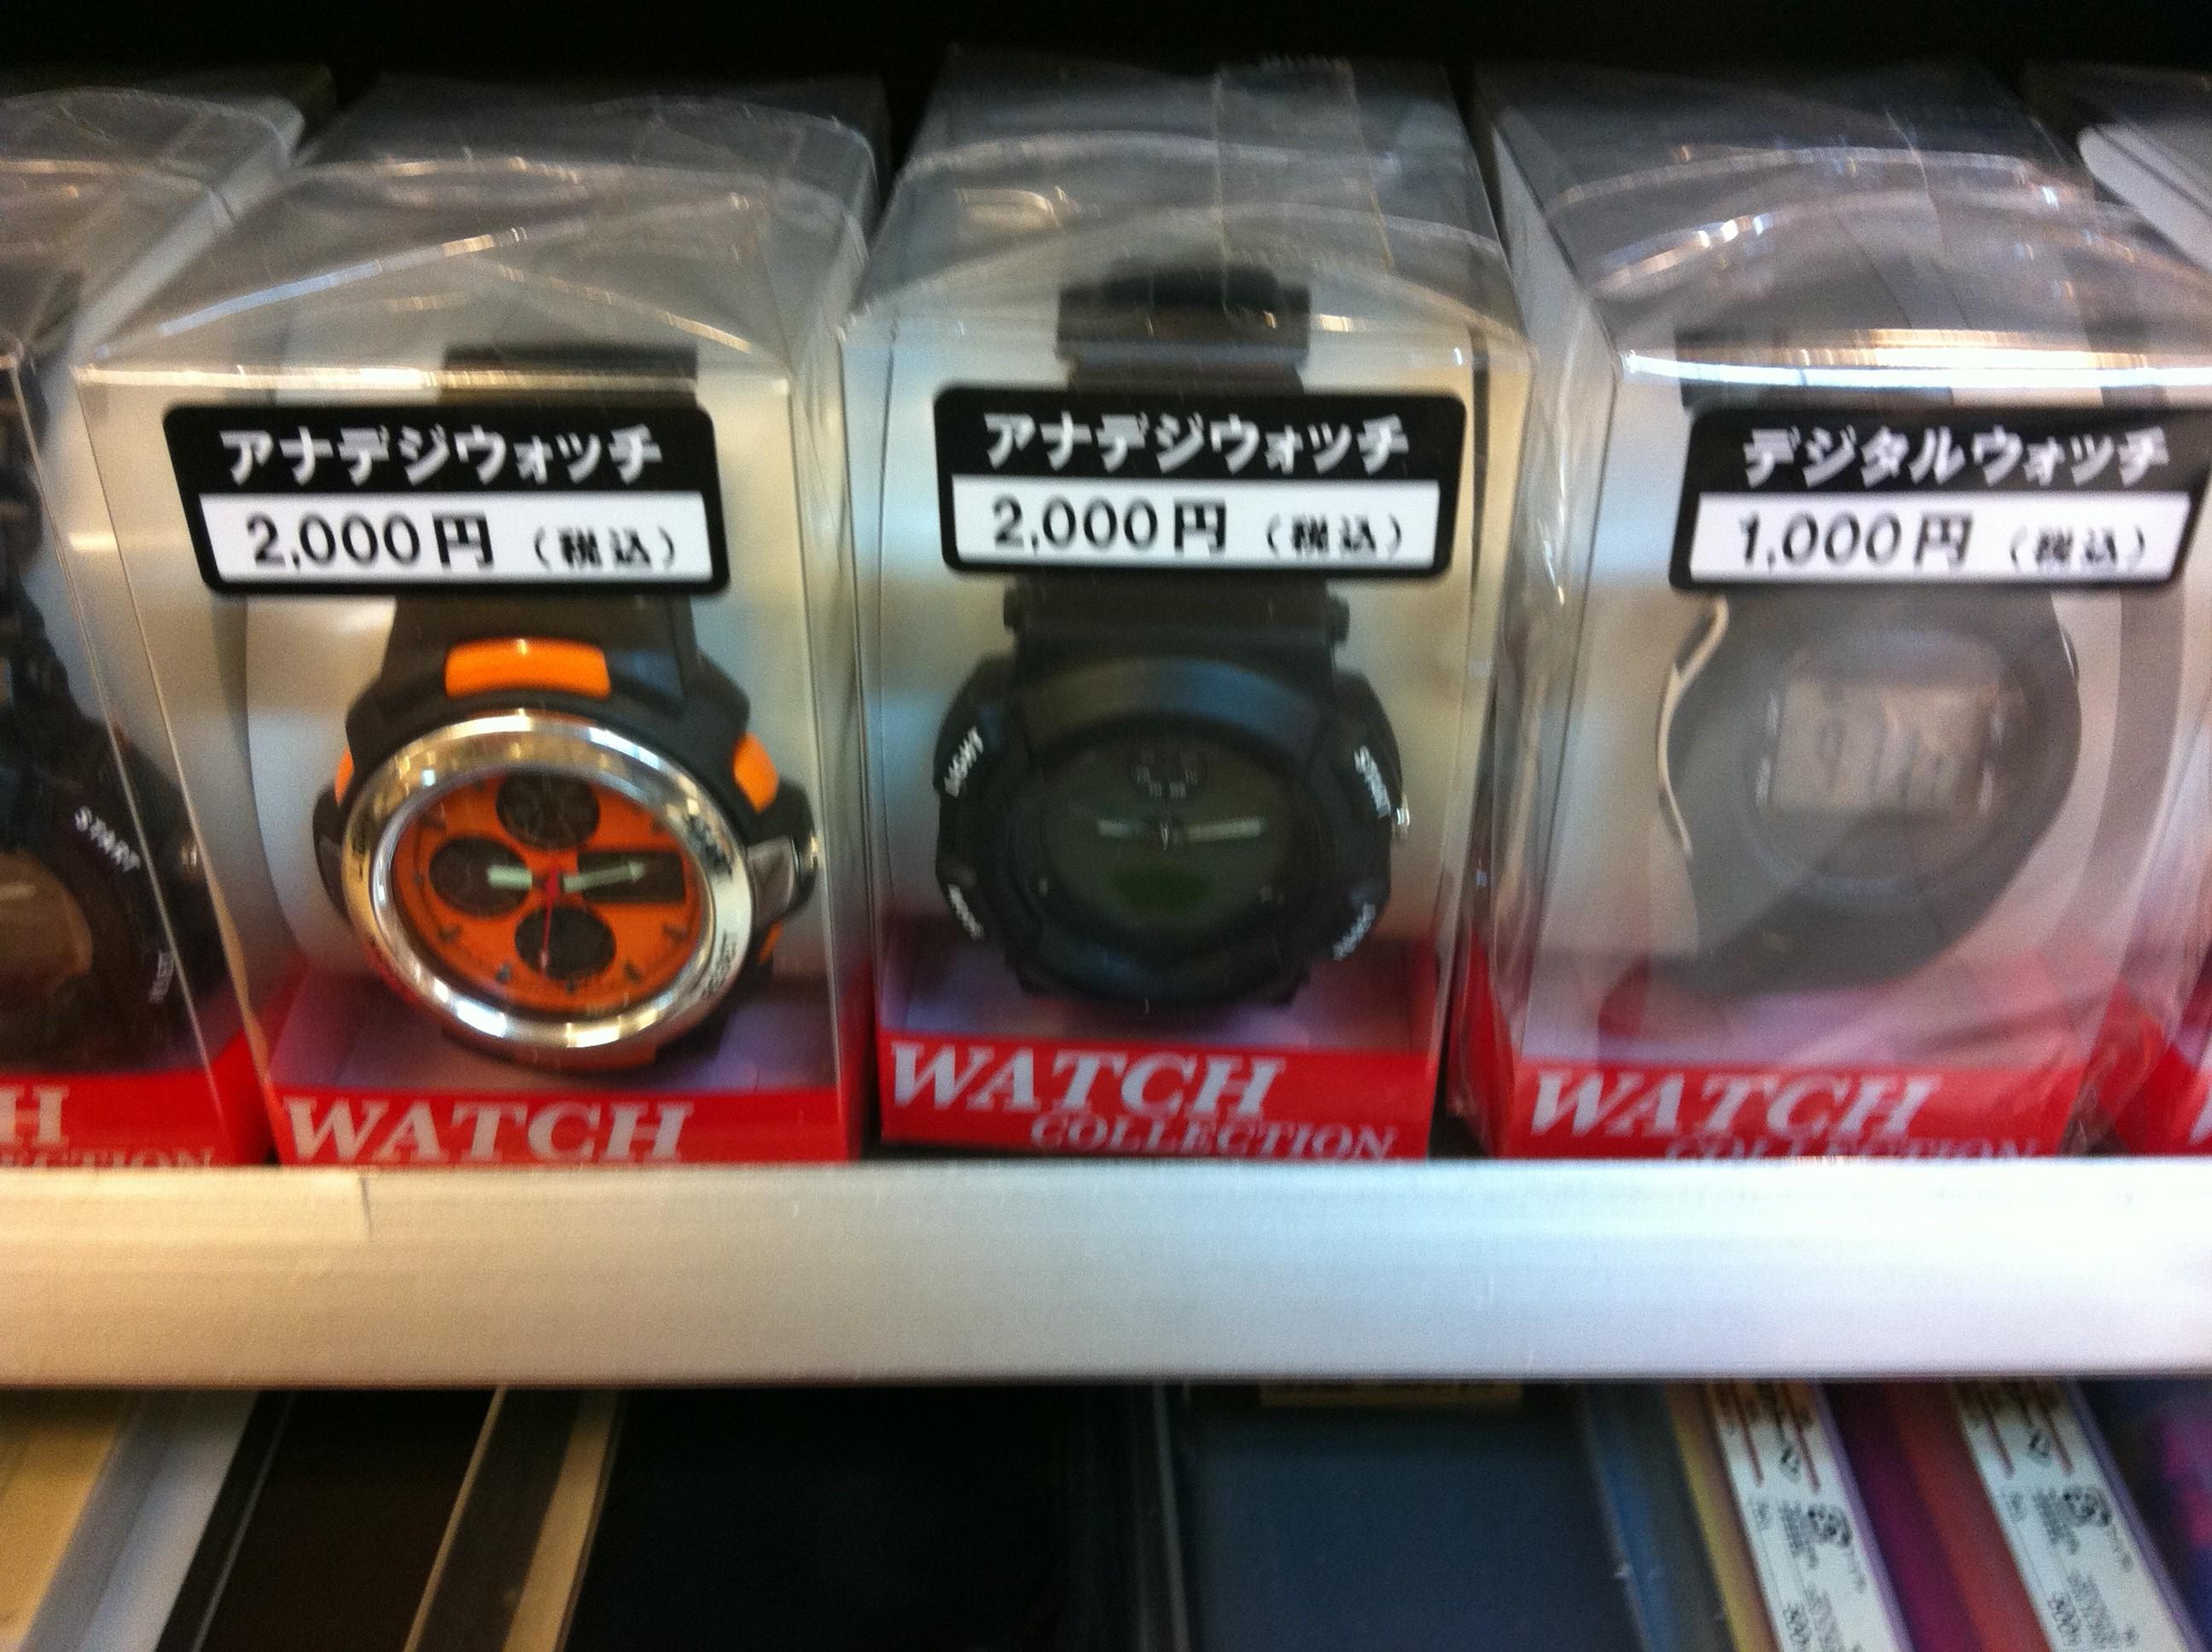 Wristwatches.